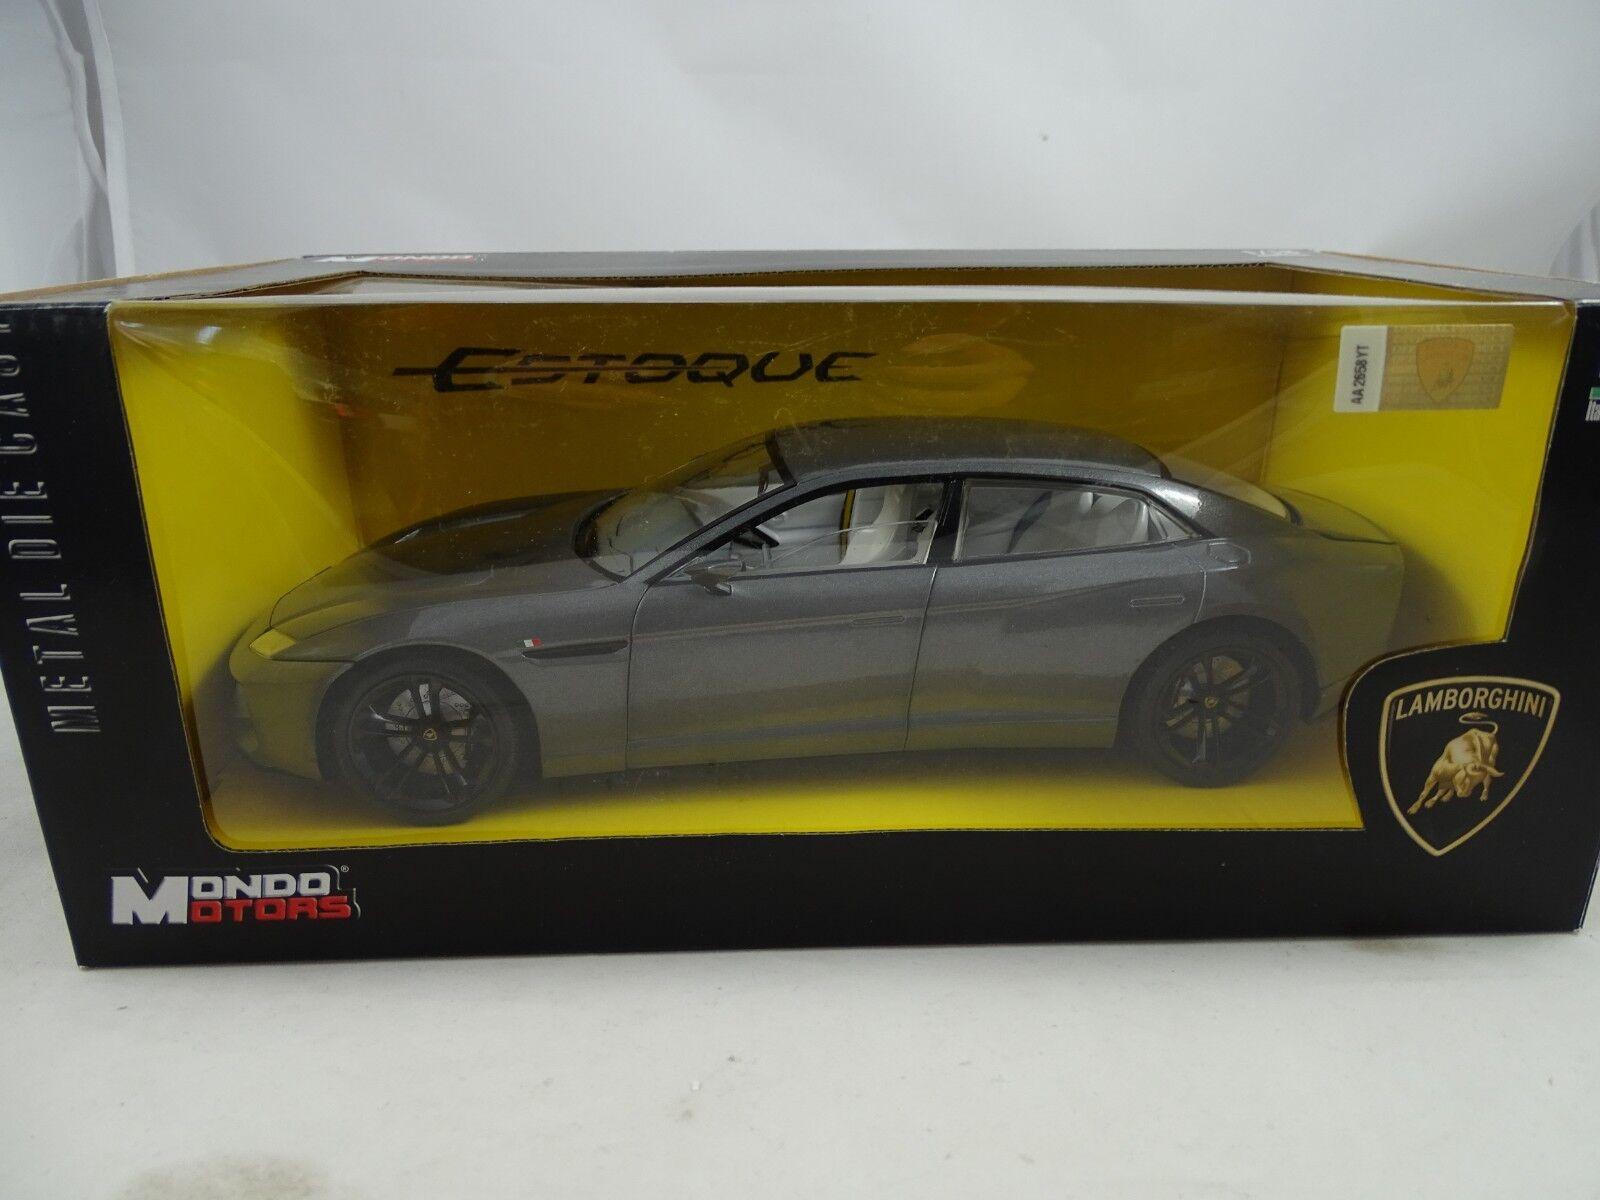 1:18 Mondo Motore - Lamborghini Estoque Antracite Metallico - Rarità §